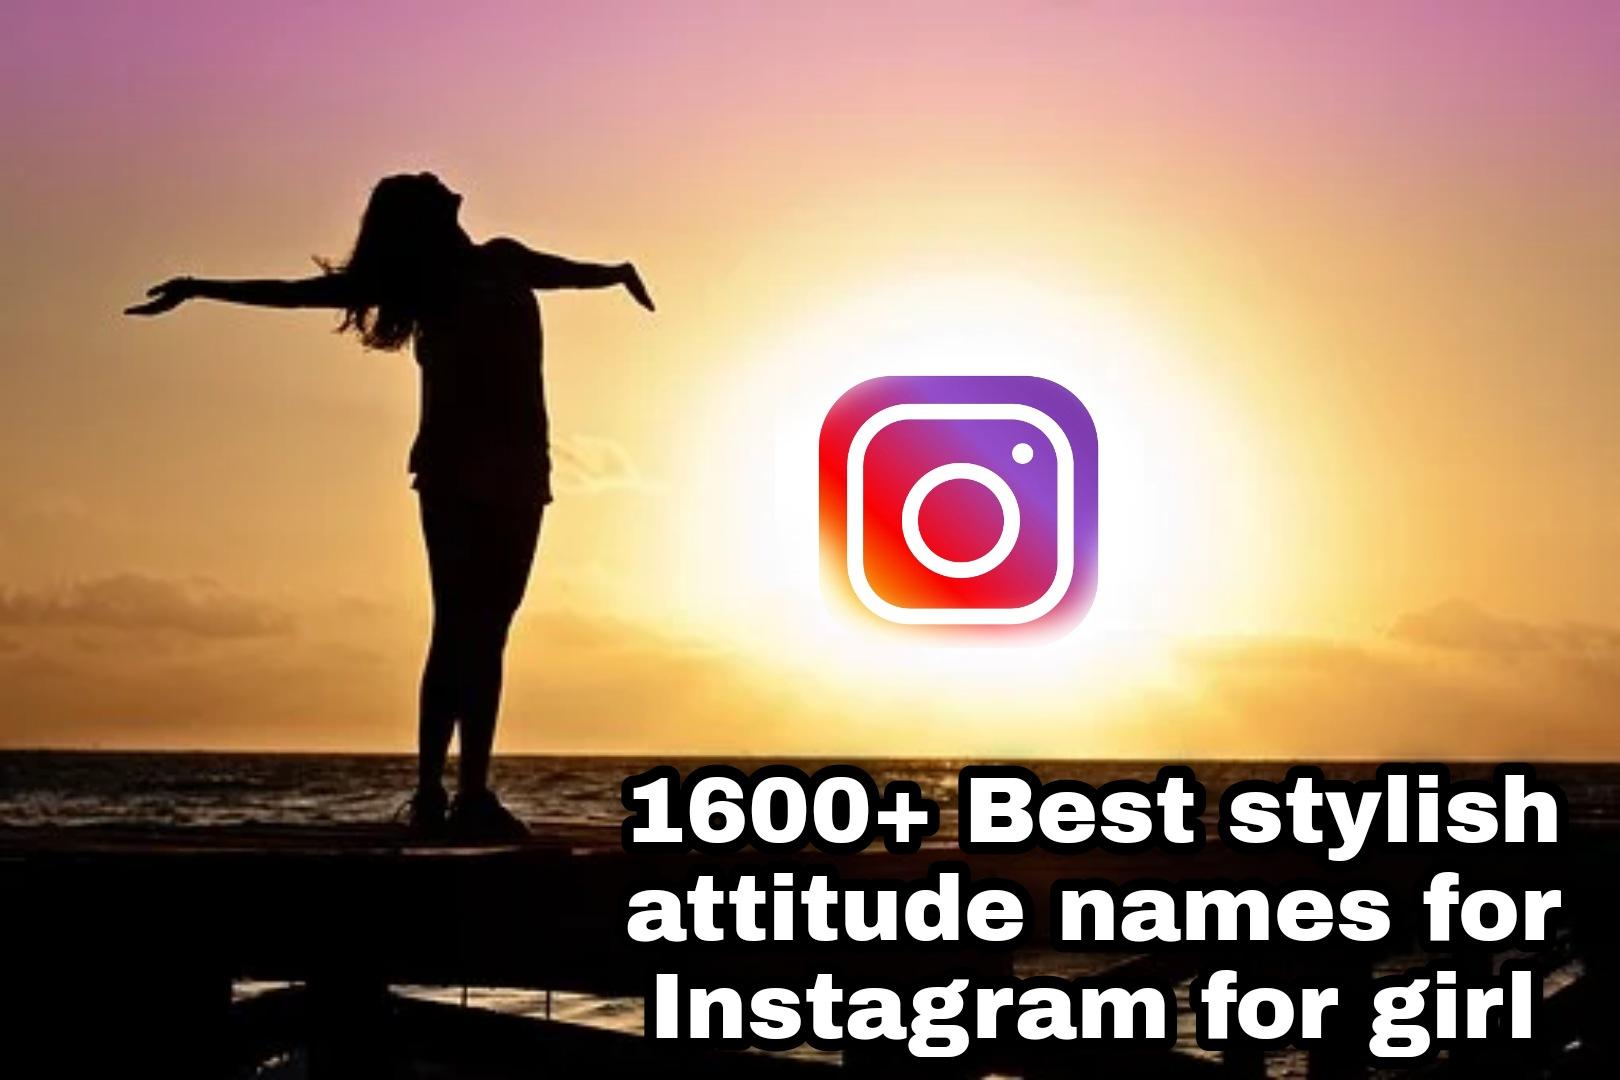 1600+ Best stylish attitude names for Instagram for girl